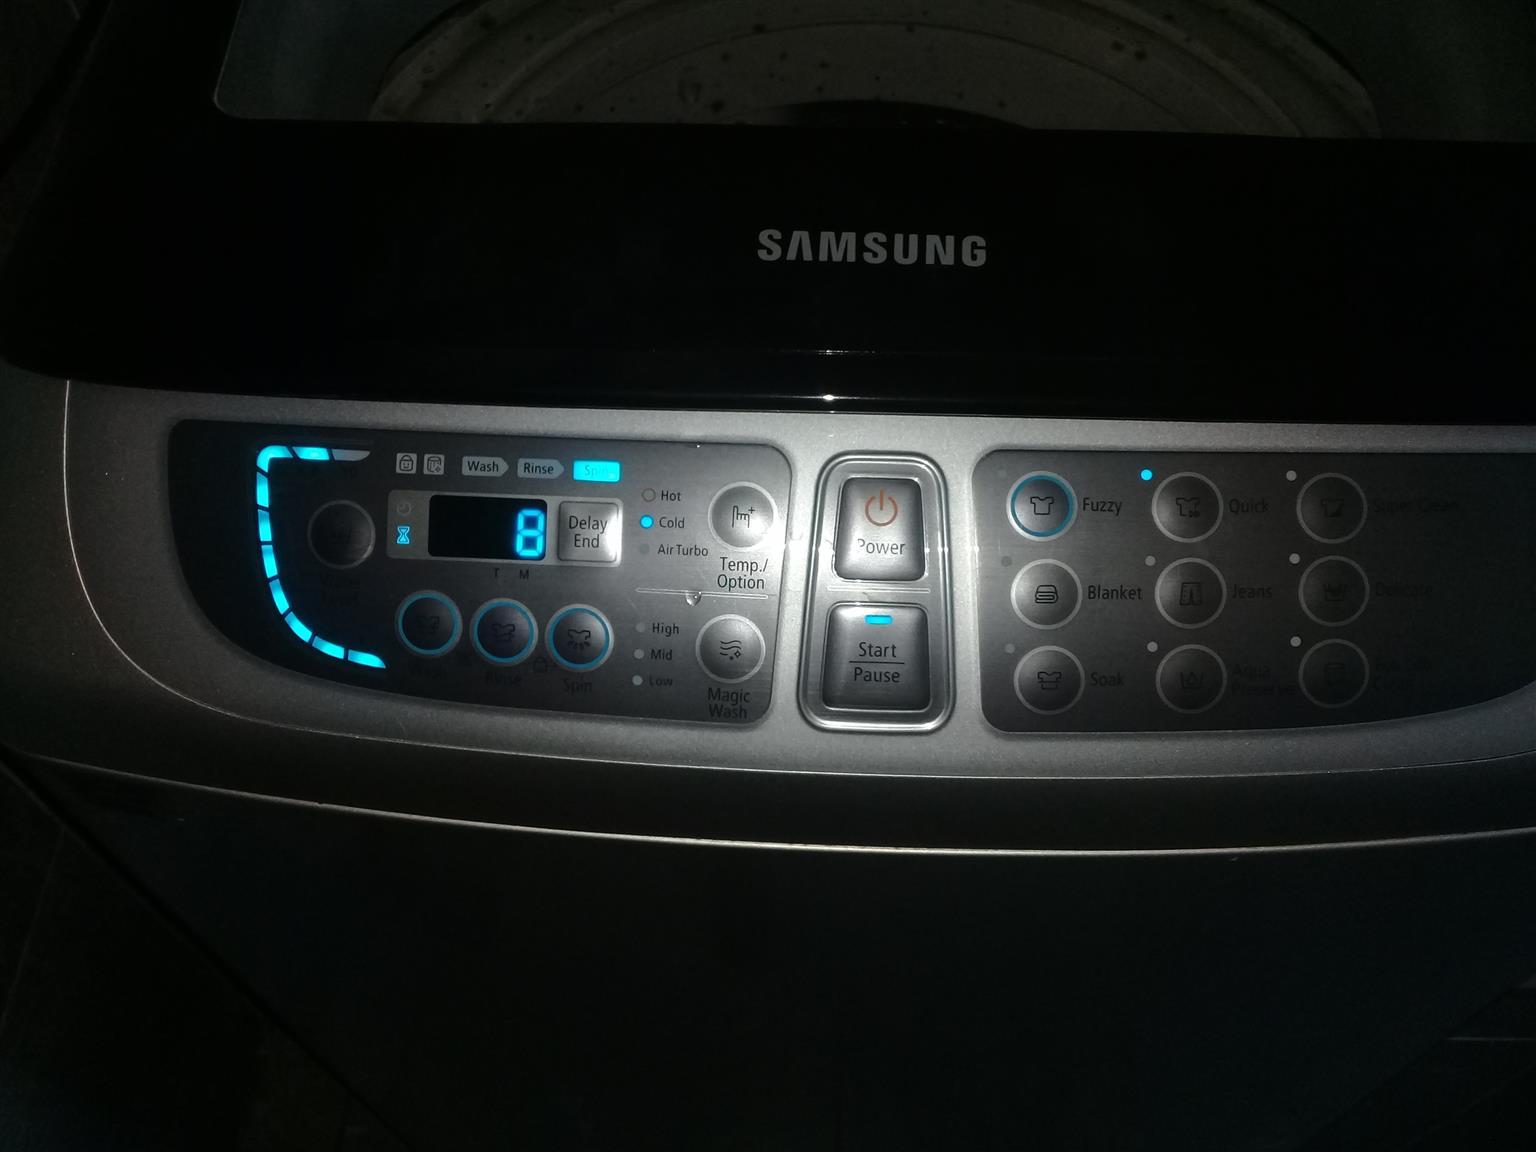 Samsung wasmasjien toplouder